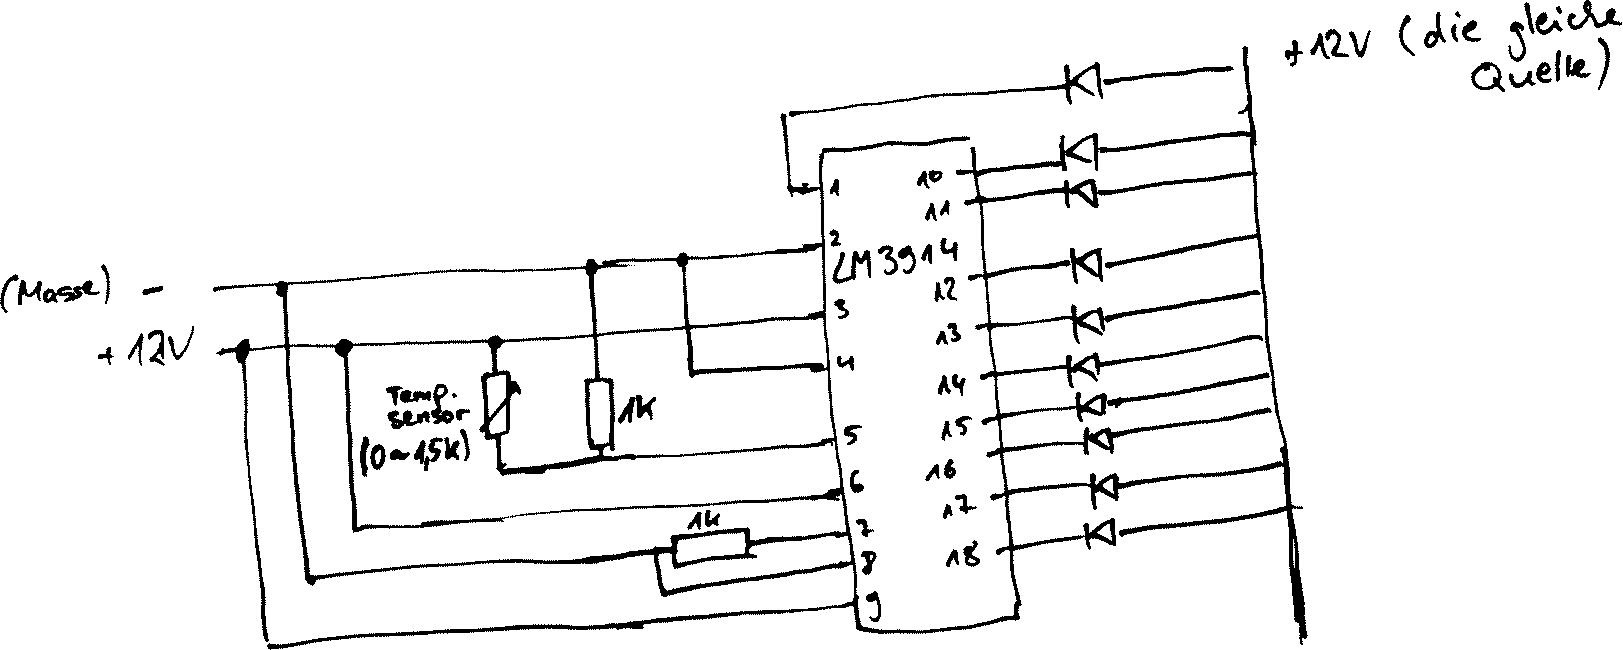 Schaltplan Öltemperaturanzeige - Mikrocontroller.net